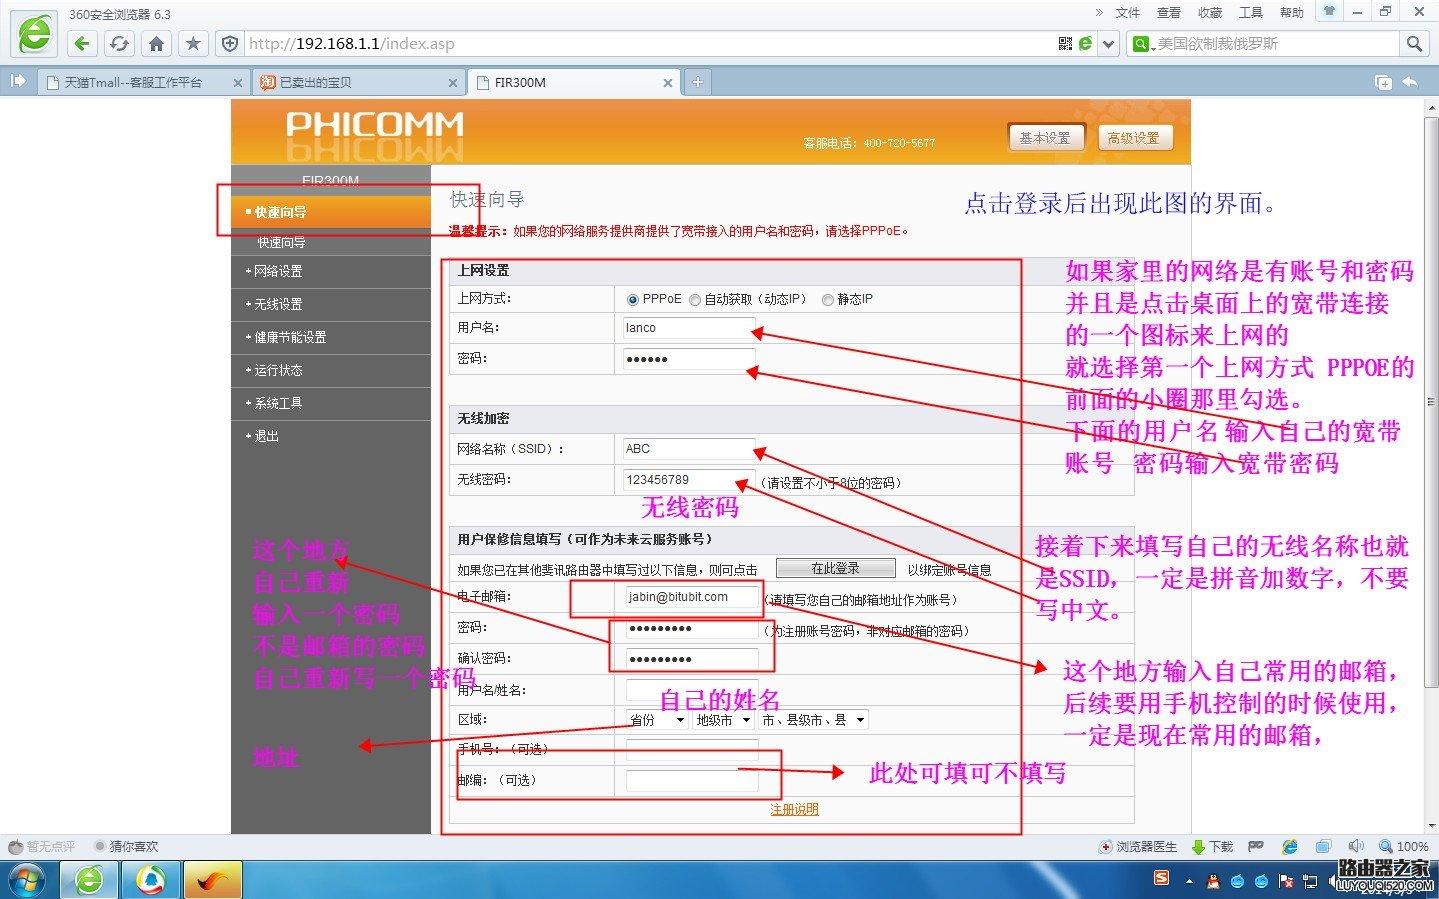 斐訊FIR300M智能迷你無線路由器圖文設置教程